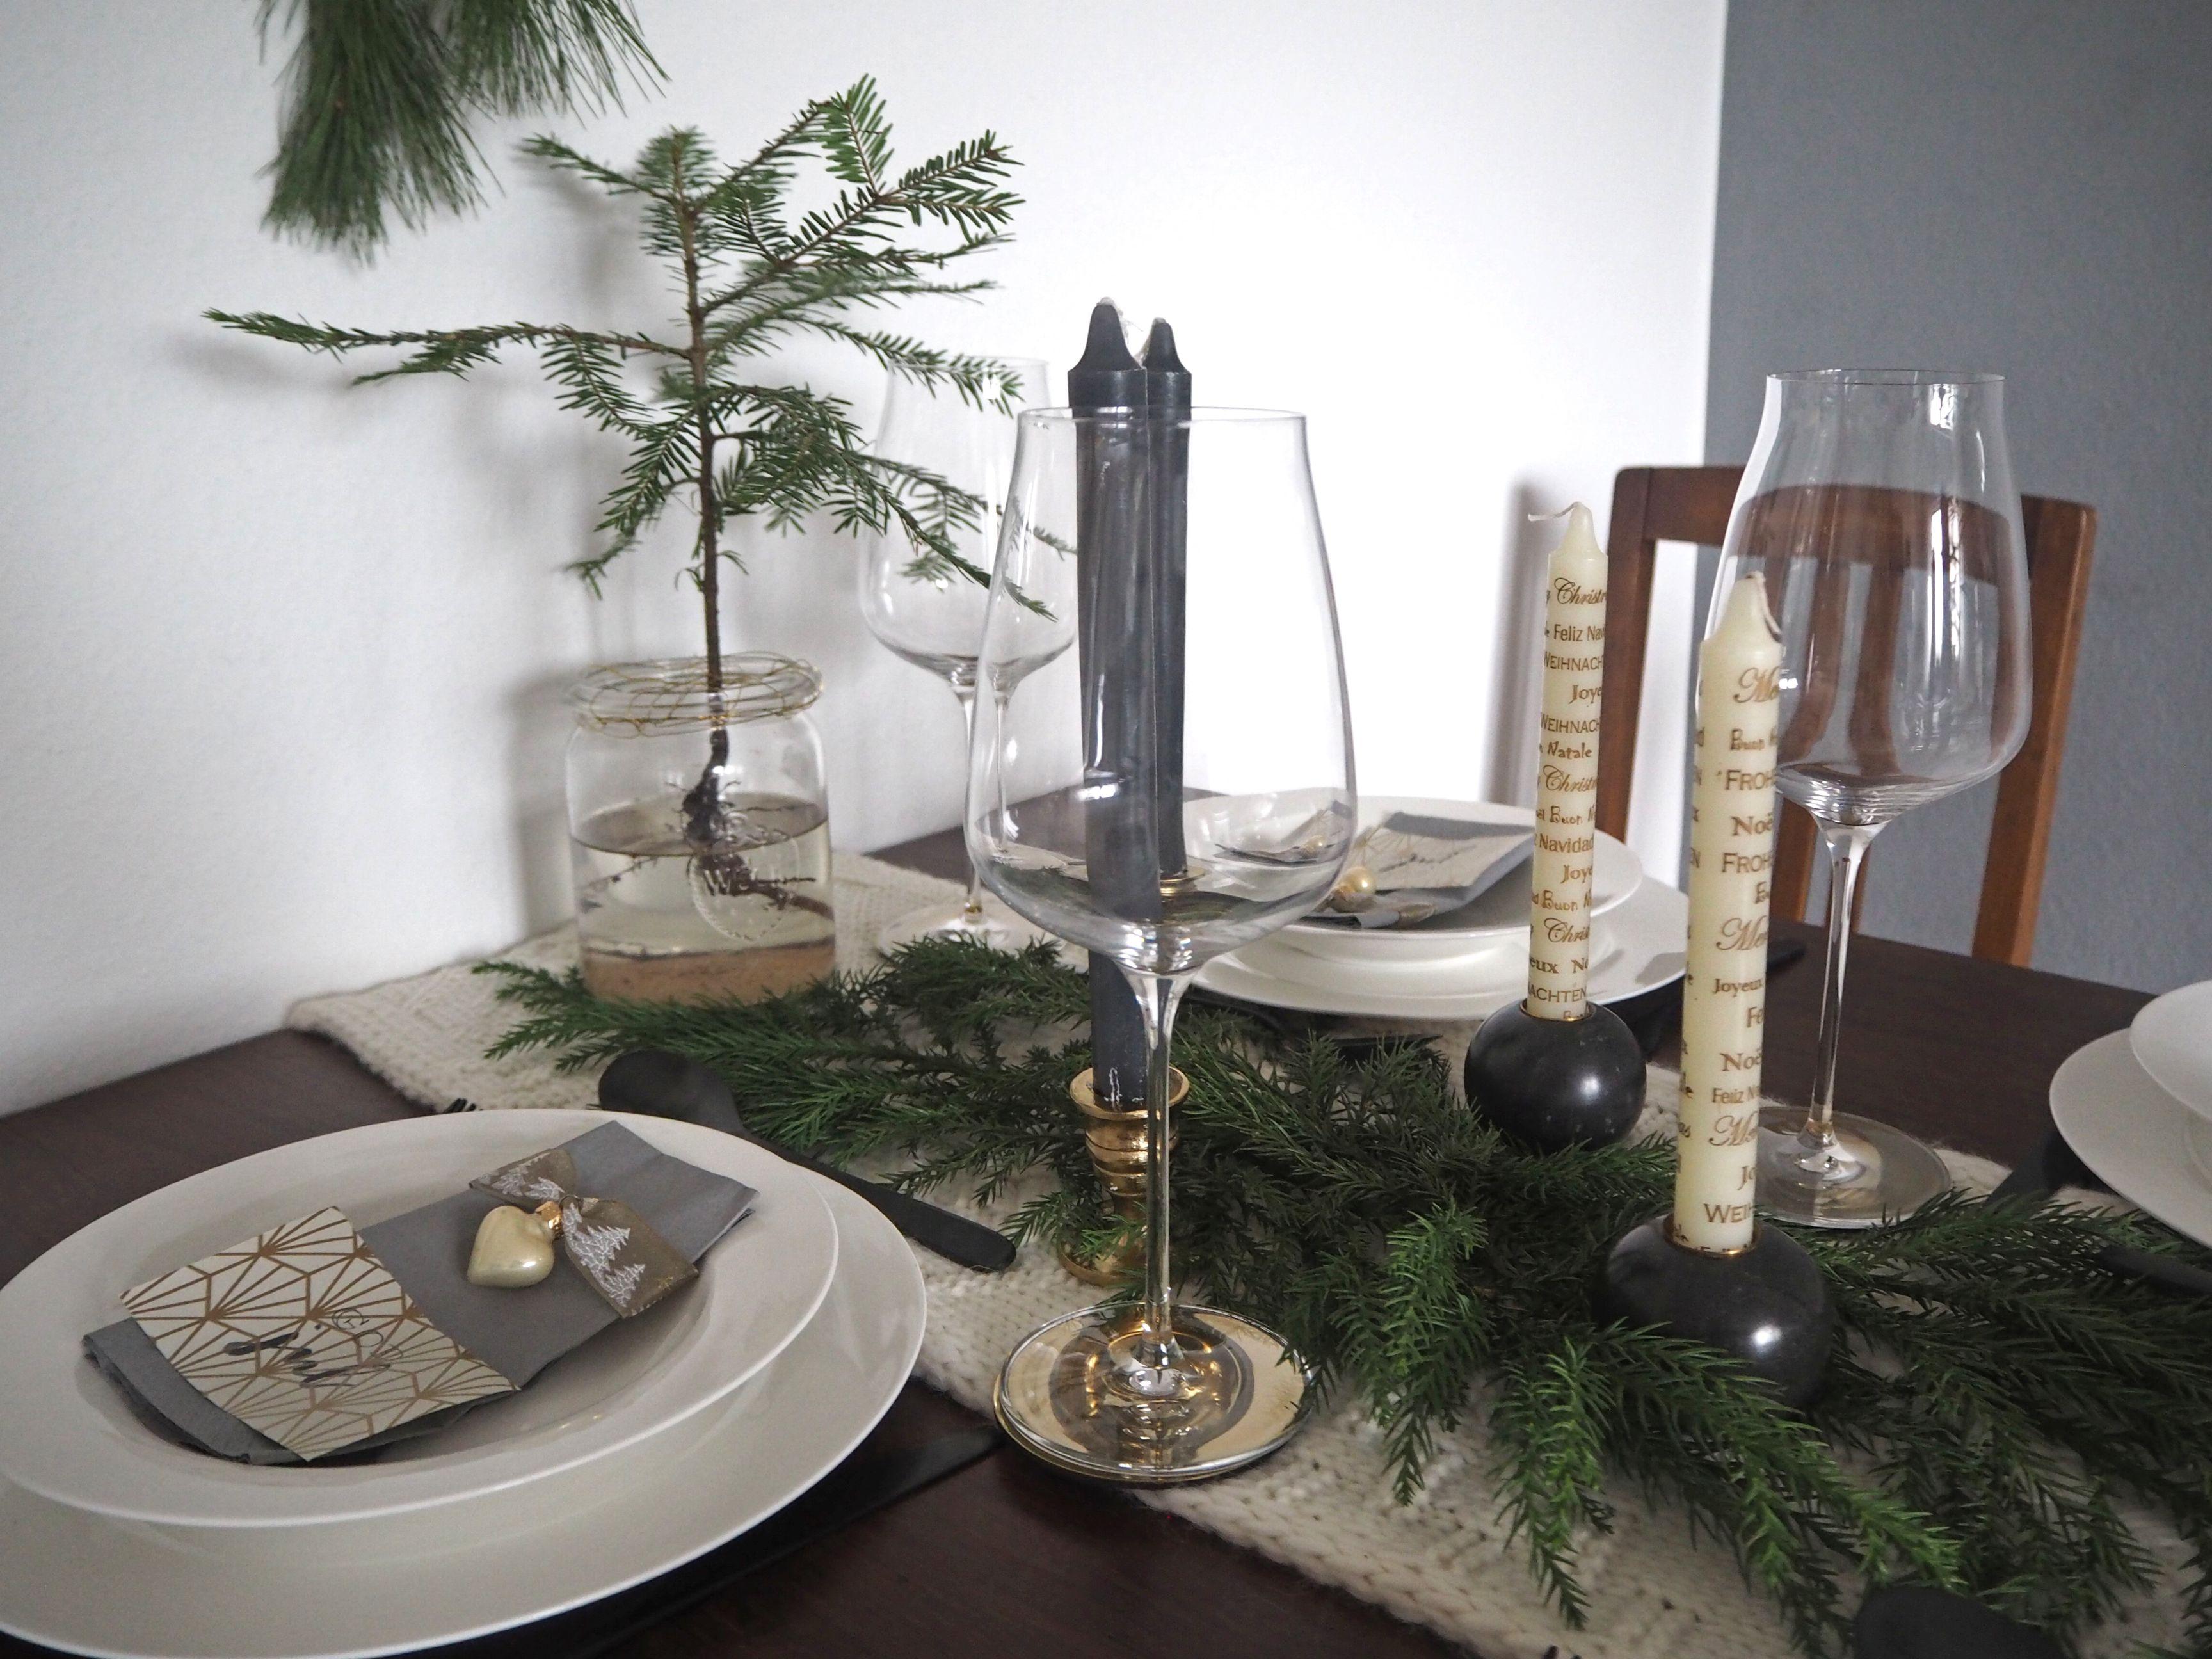 2018-skoen-och-kreativ-interior-tischdeko-festliche-tischdekoration-im-skandi-stil-weihnachten-god-jul-tabledecor (21)